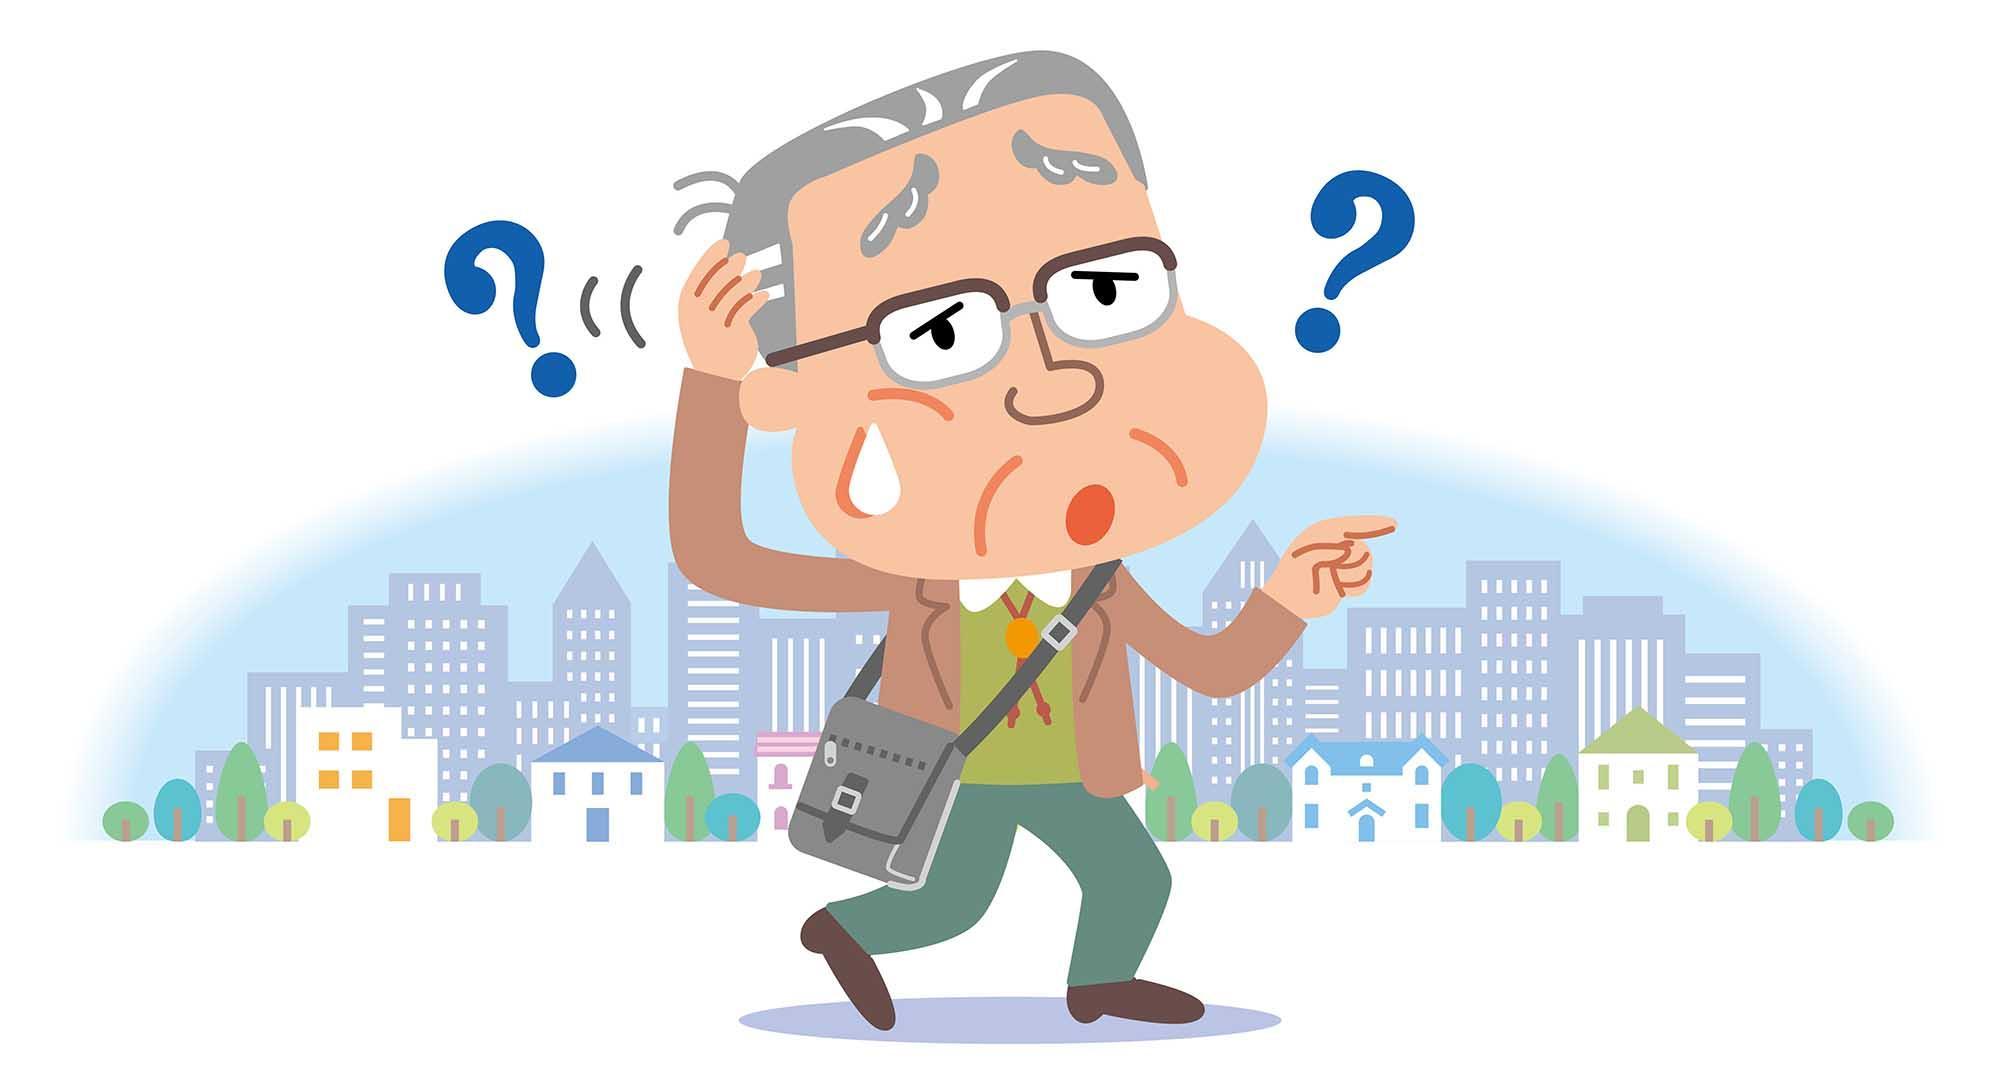 Изменение веса в пожилом возрасте связали с повышенным риском развития деменции